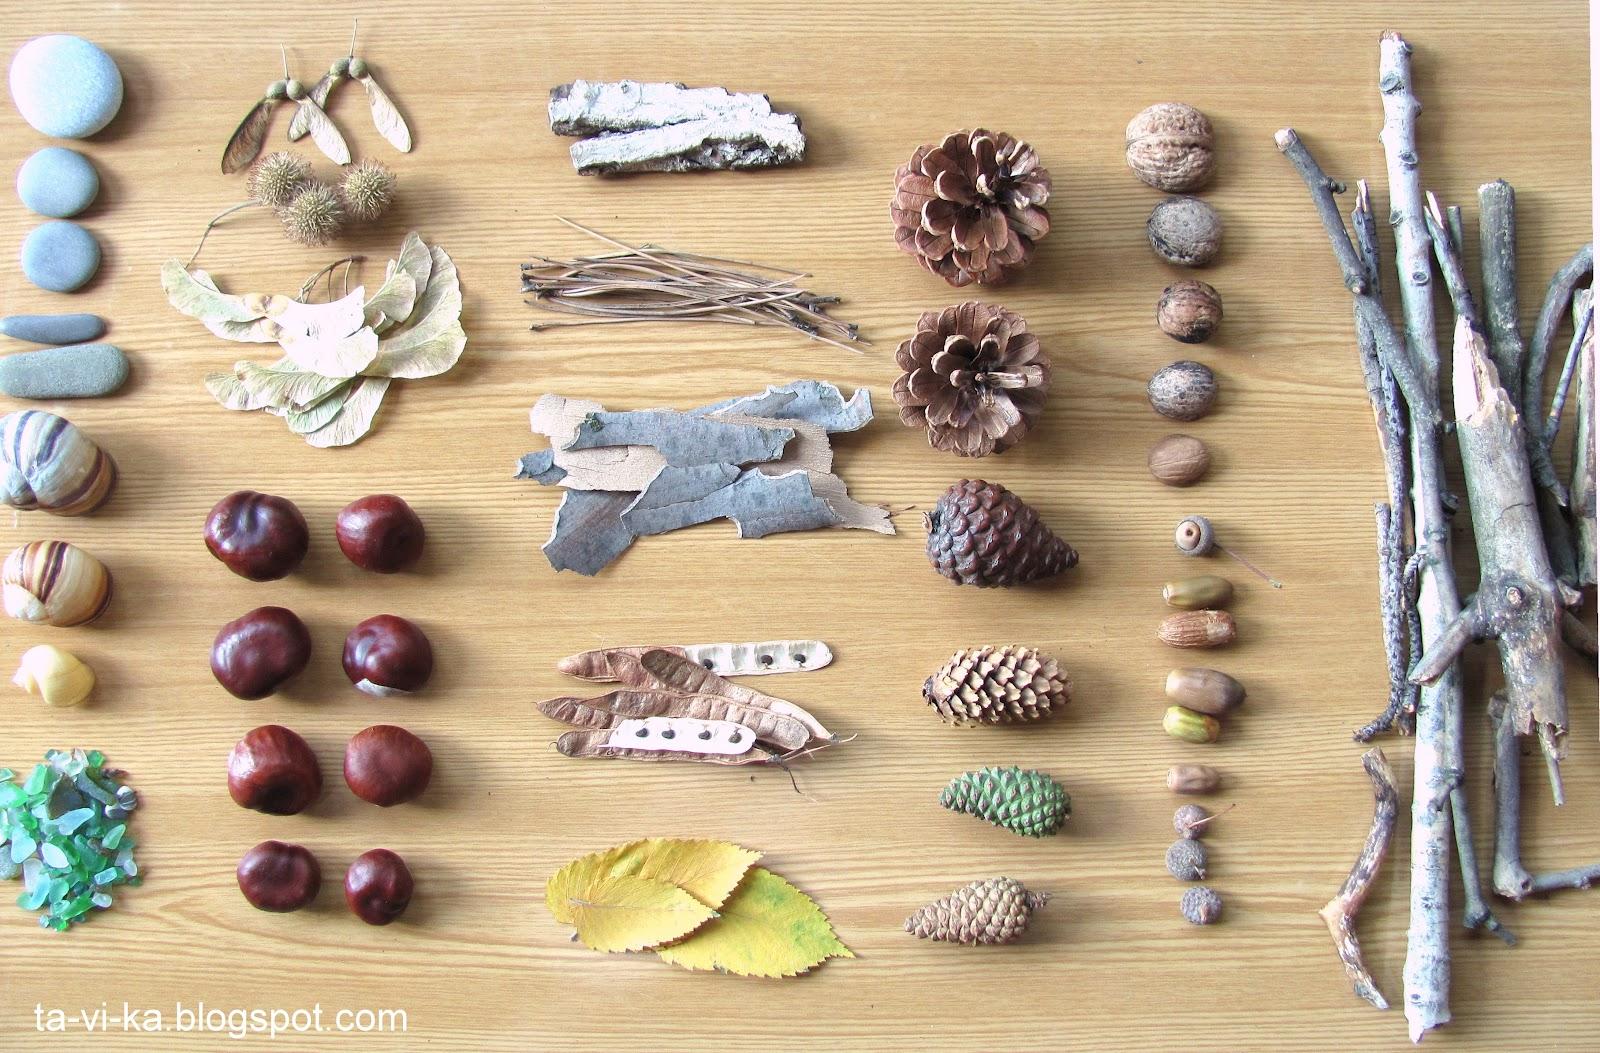 Поделка из камней и листьев 14